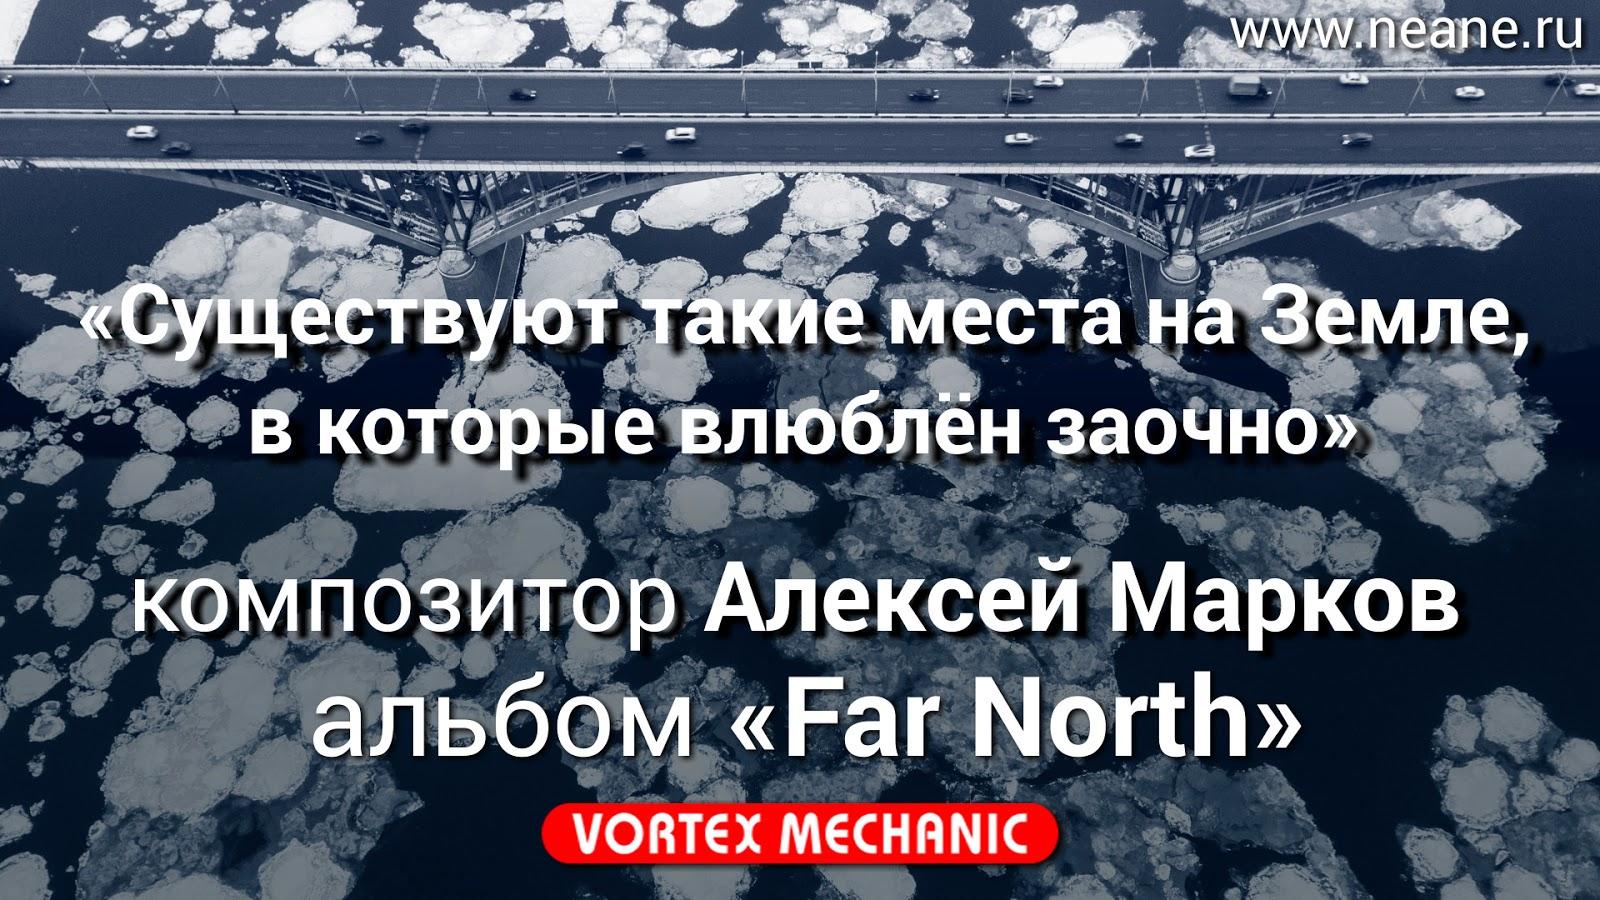 23 июля 2018 года выходит новый альбом композитора Алексея Маркова «Far North» записанный в рамках проекта «Vortex Mechanic»